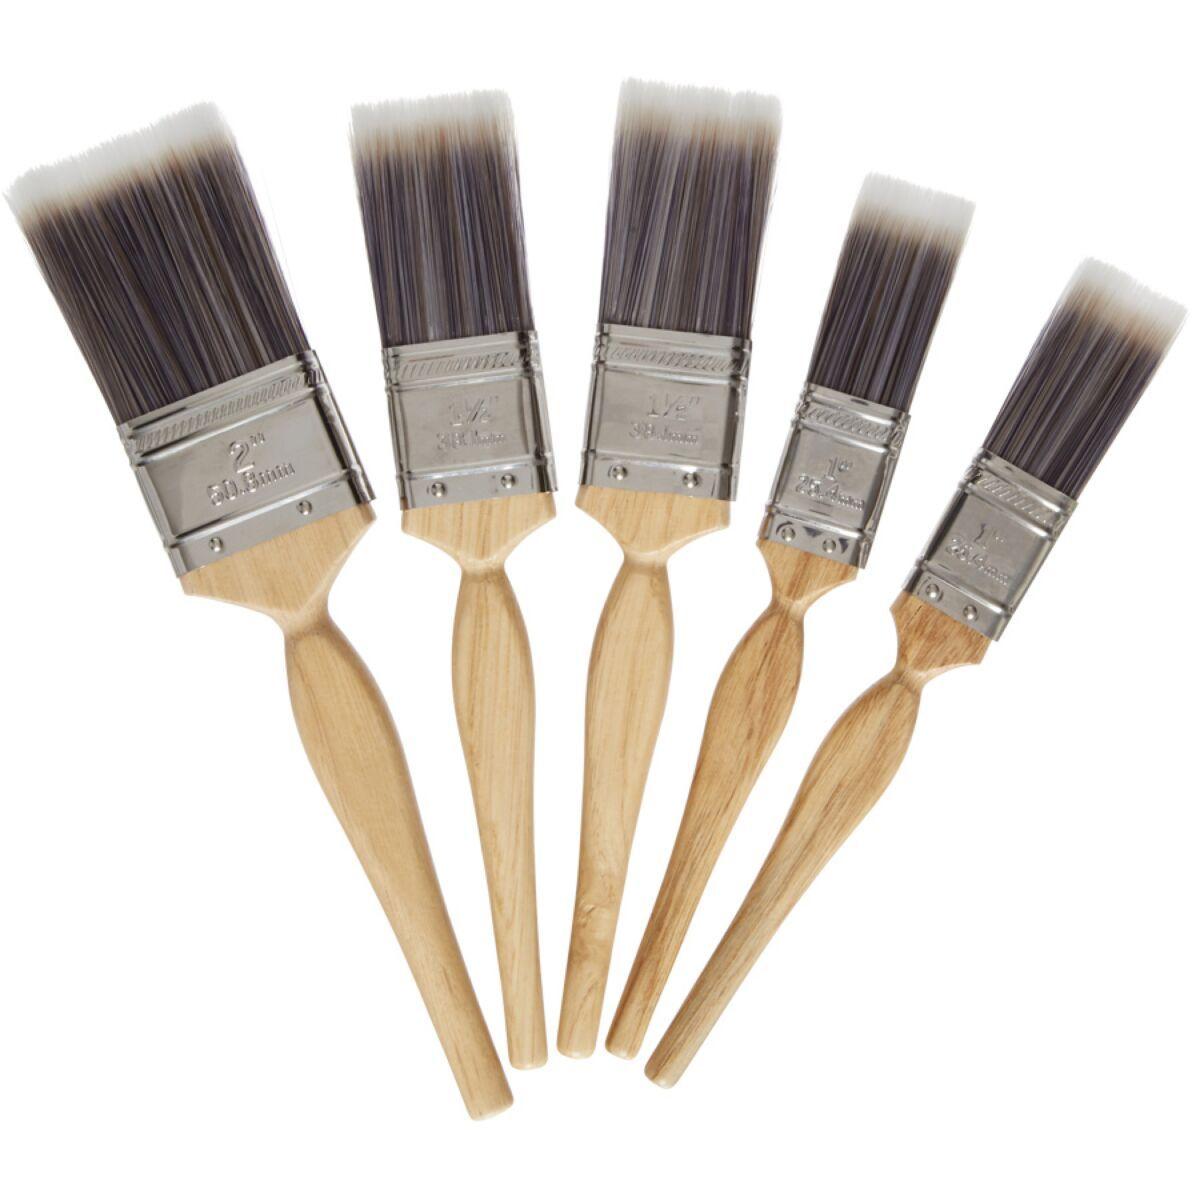 Harris Platinum 5-Piece Paintbrush Set £4.99 (Free Click & Collect) @ Robert Dyas